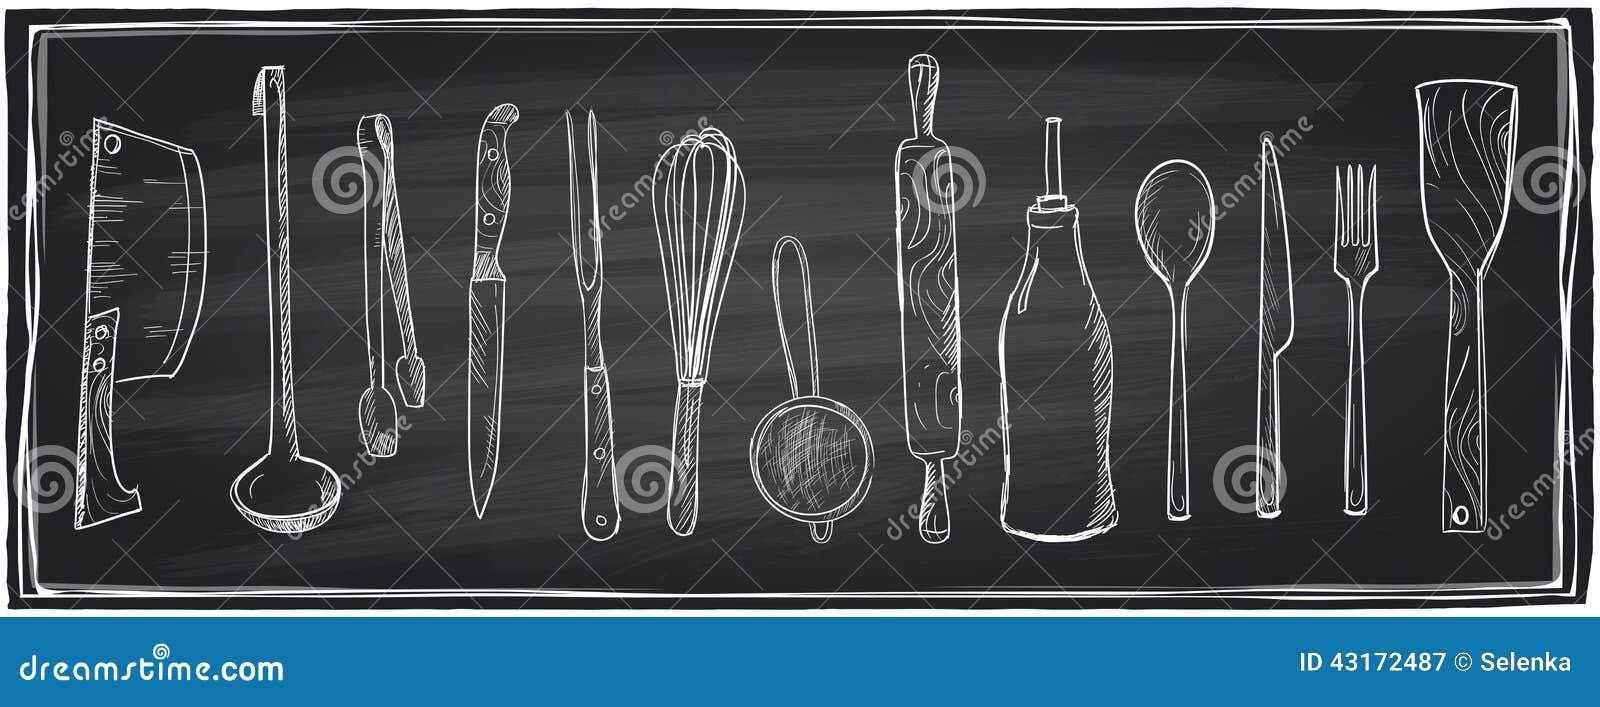 Chalkboard Decorative Kitchen Utensils